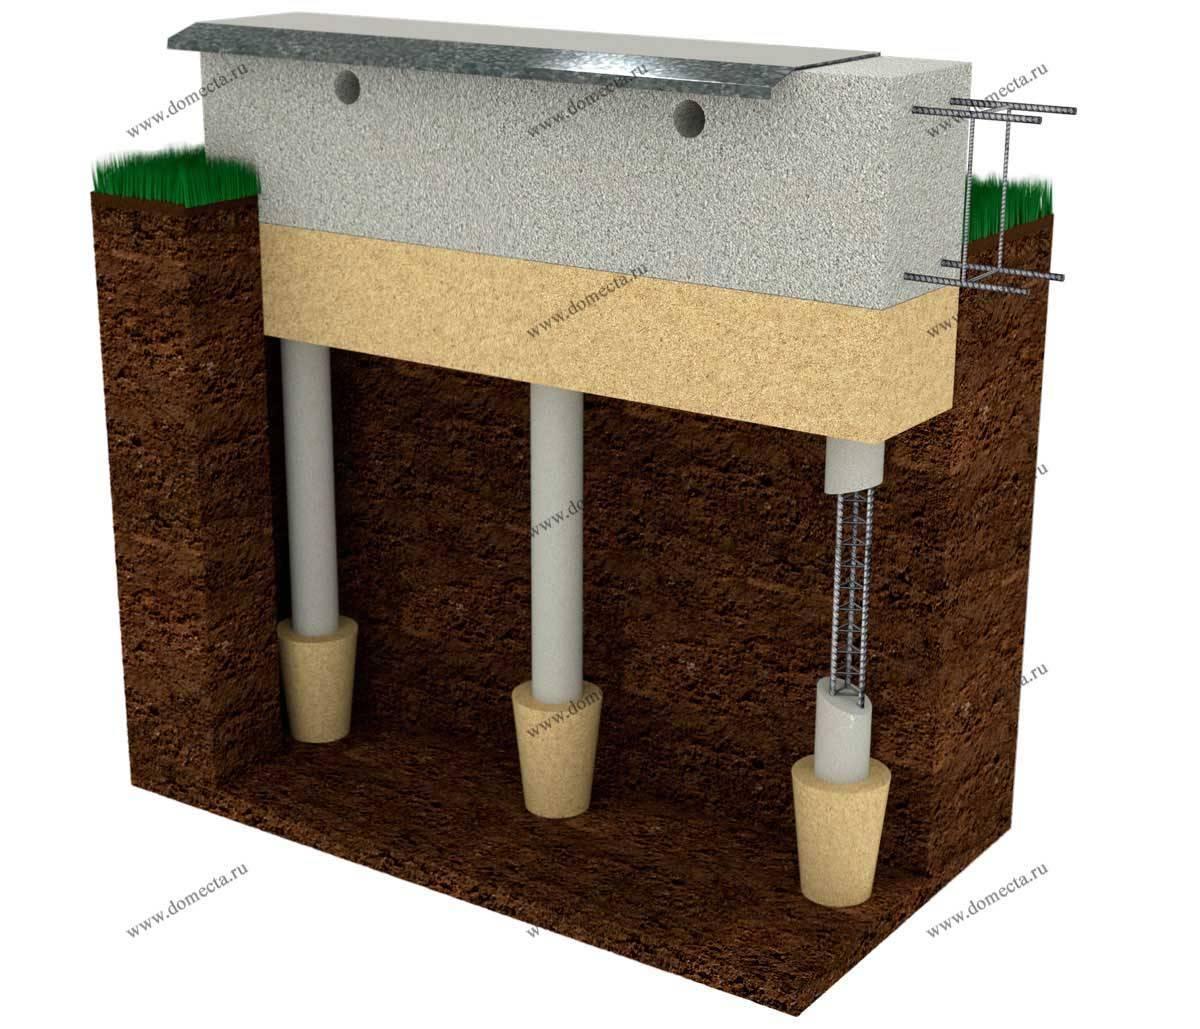 Свайно-ростверковый фундамент все за и против - самстрой - строительство, дизайн, архитектура.